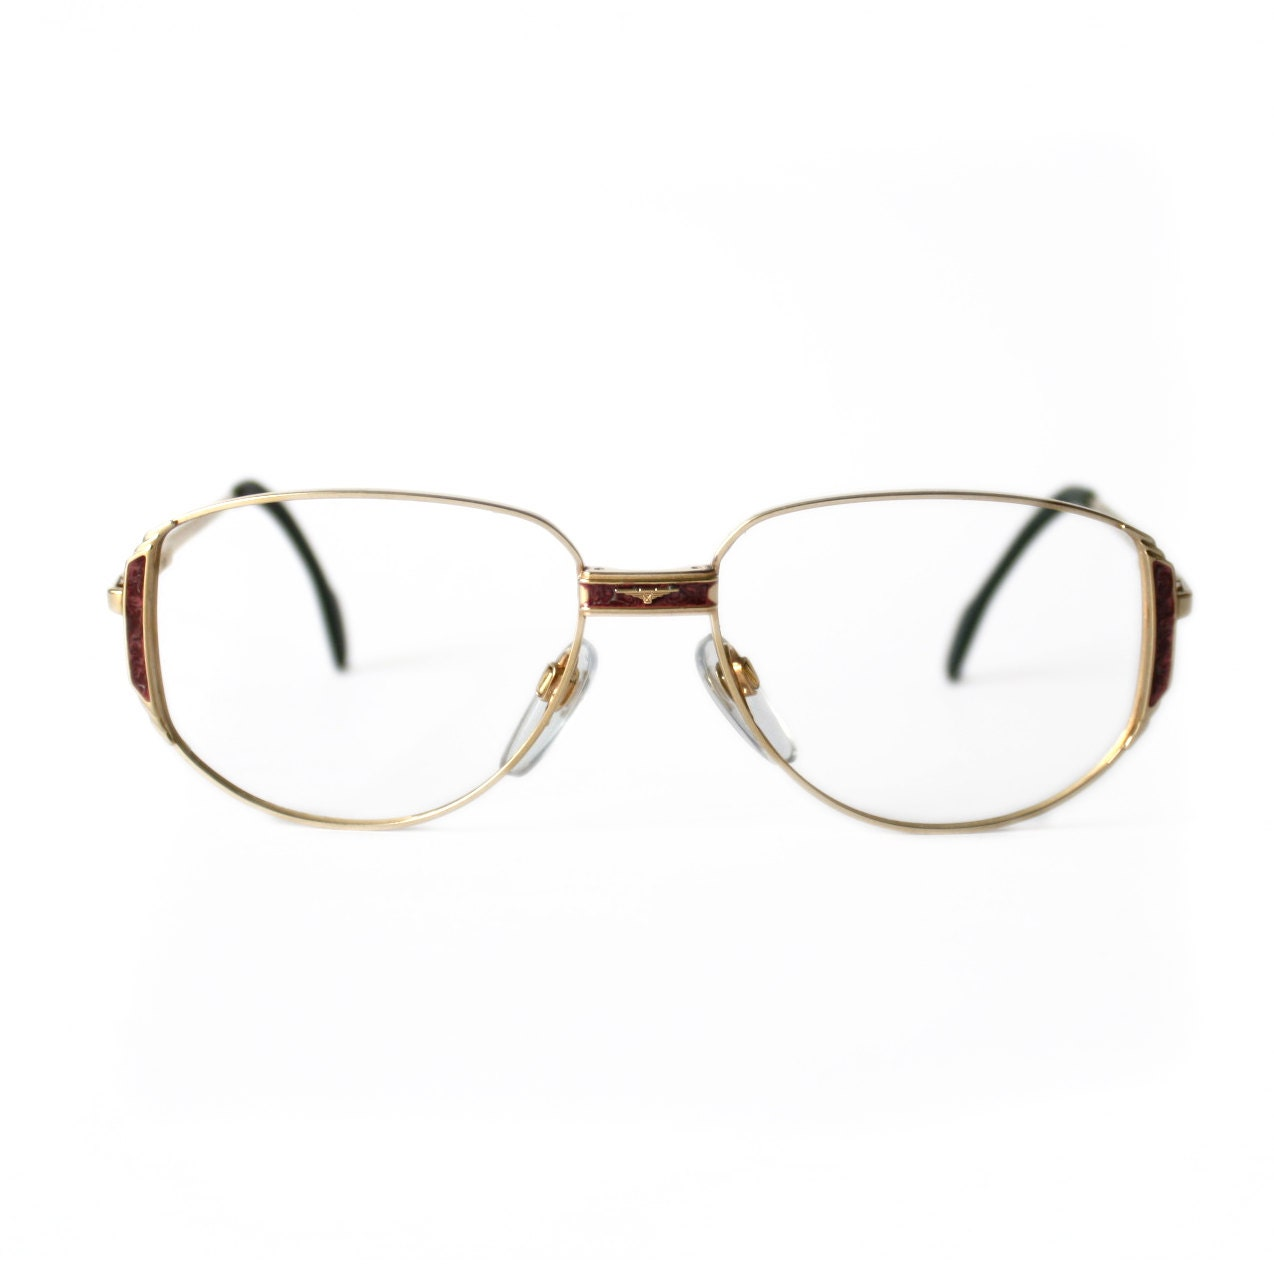 Gold Color Eyeglass Frames : LONGINES Vintage Eyeglasses METZLER gold color by ...